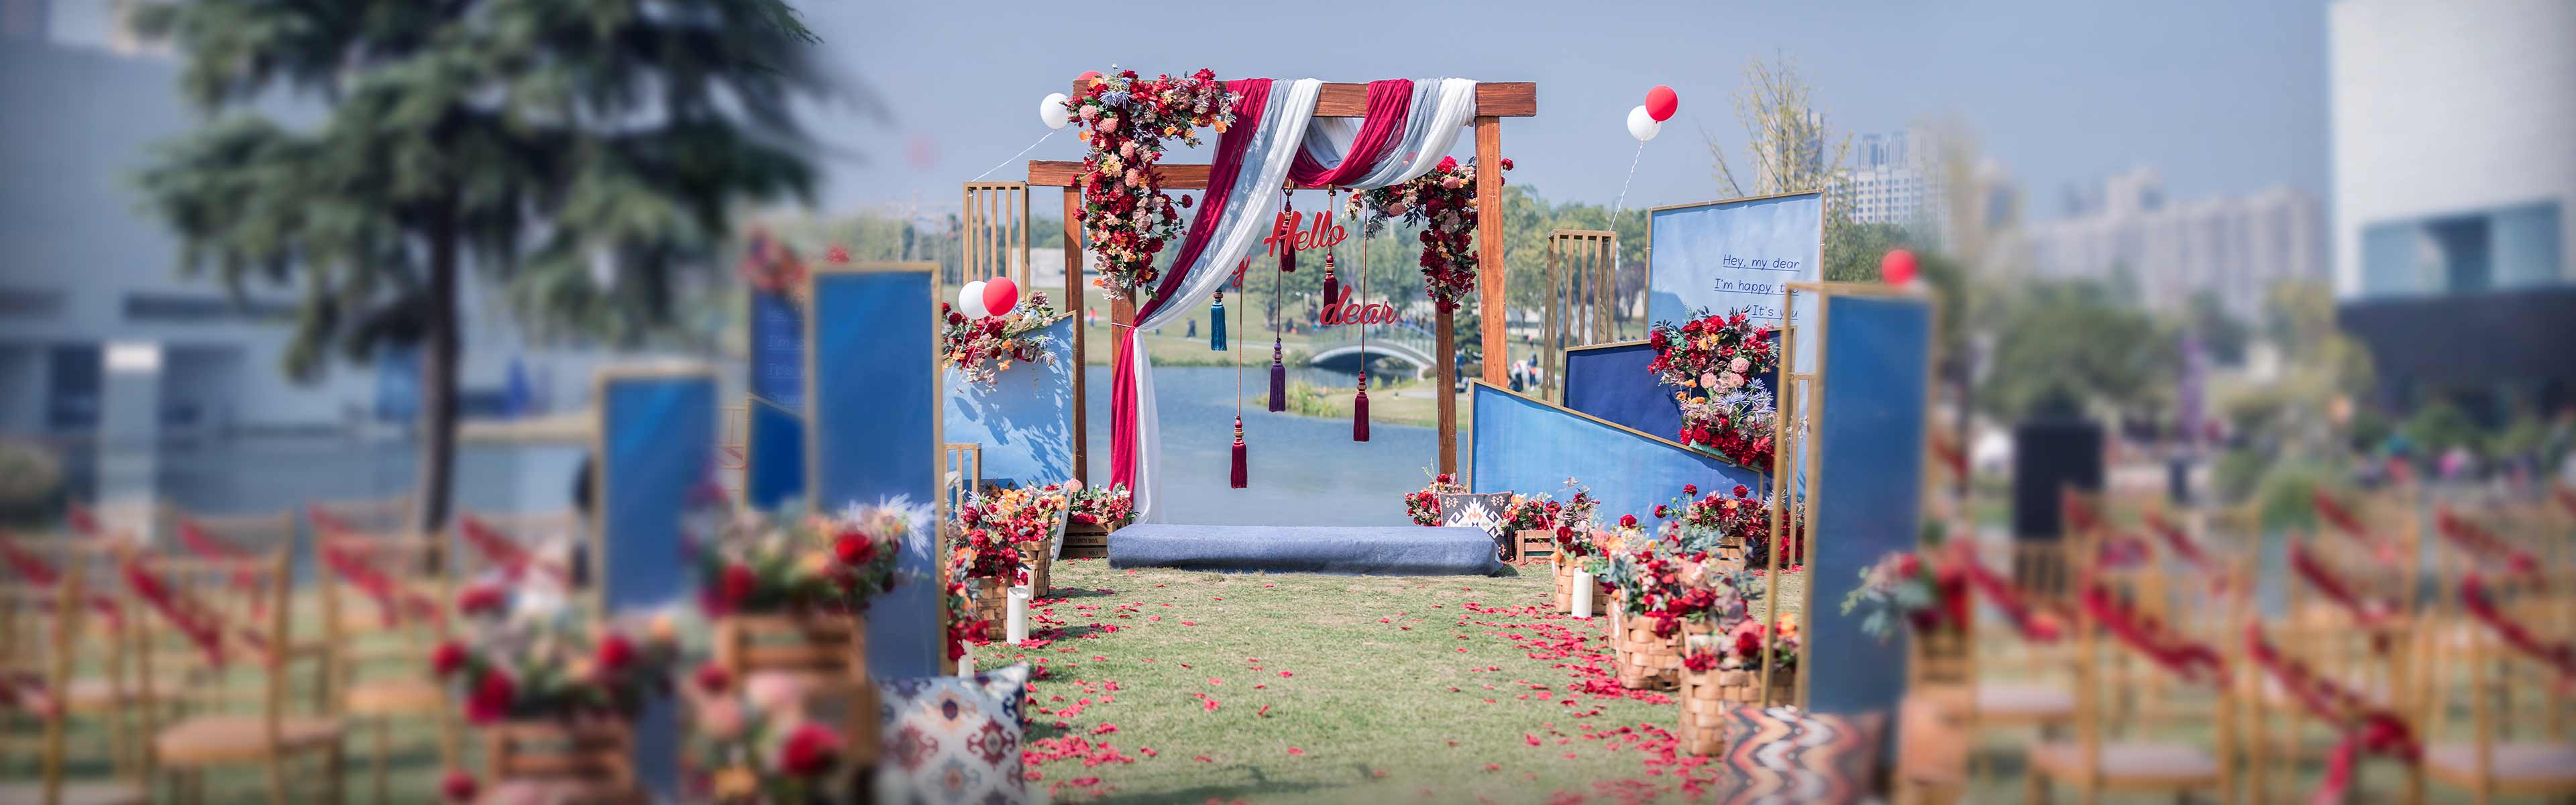 津市婚庆策划案例:最美婚礼 第12月 | 湖南 长沙